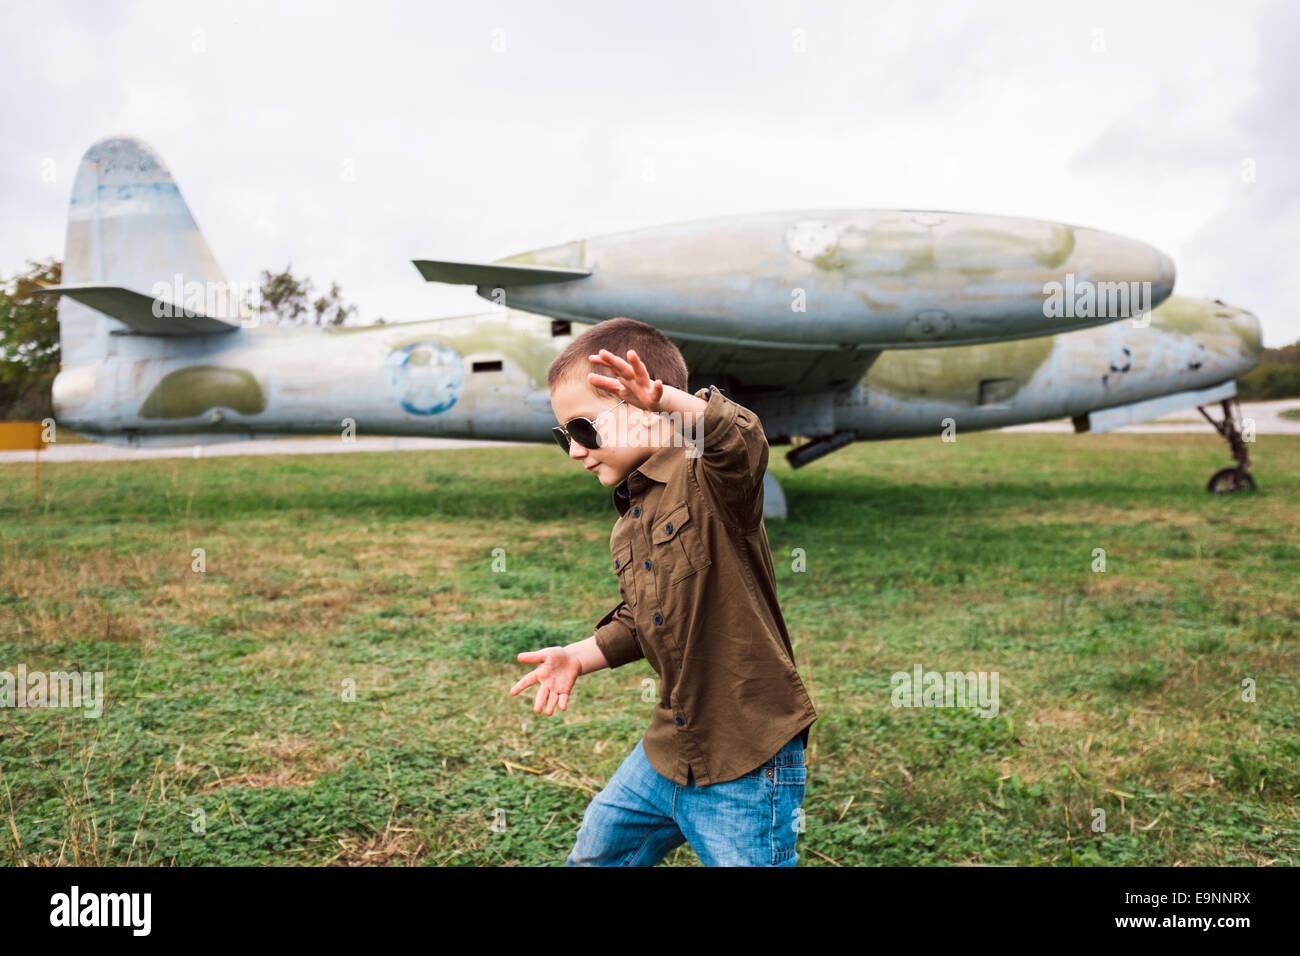 Chico jugaba cerca del avión Imagen De Stock